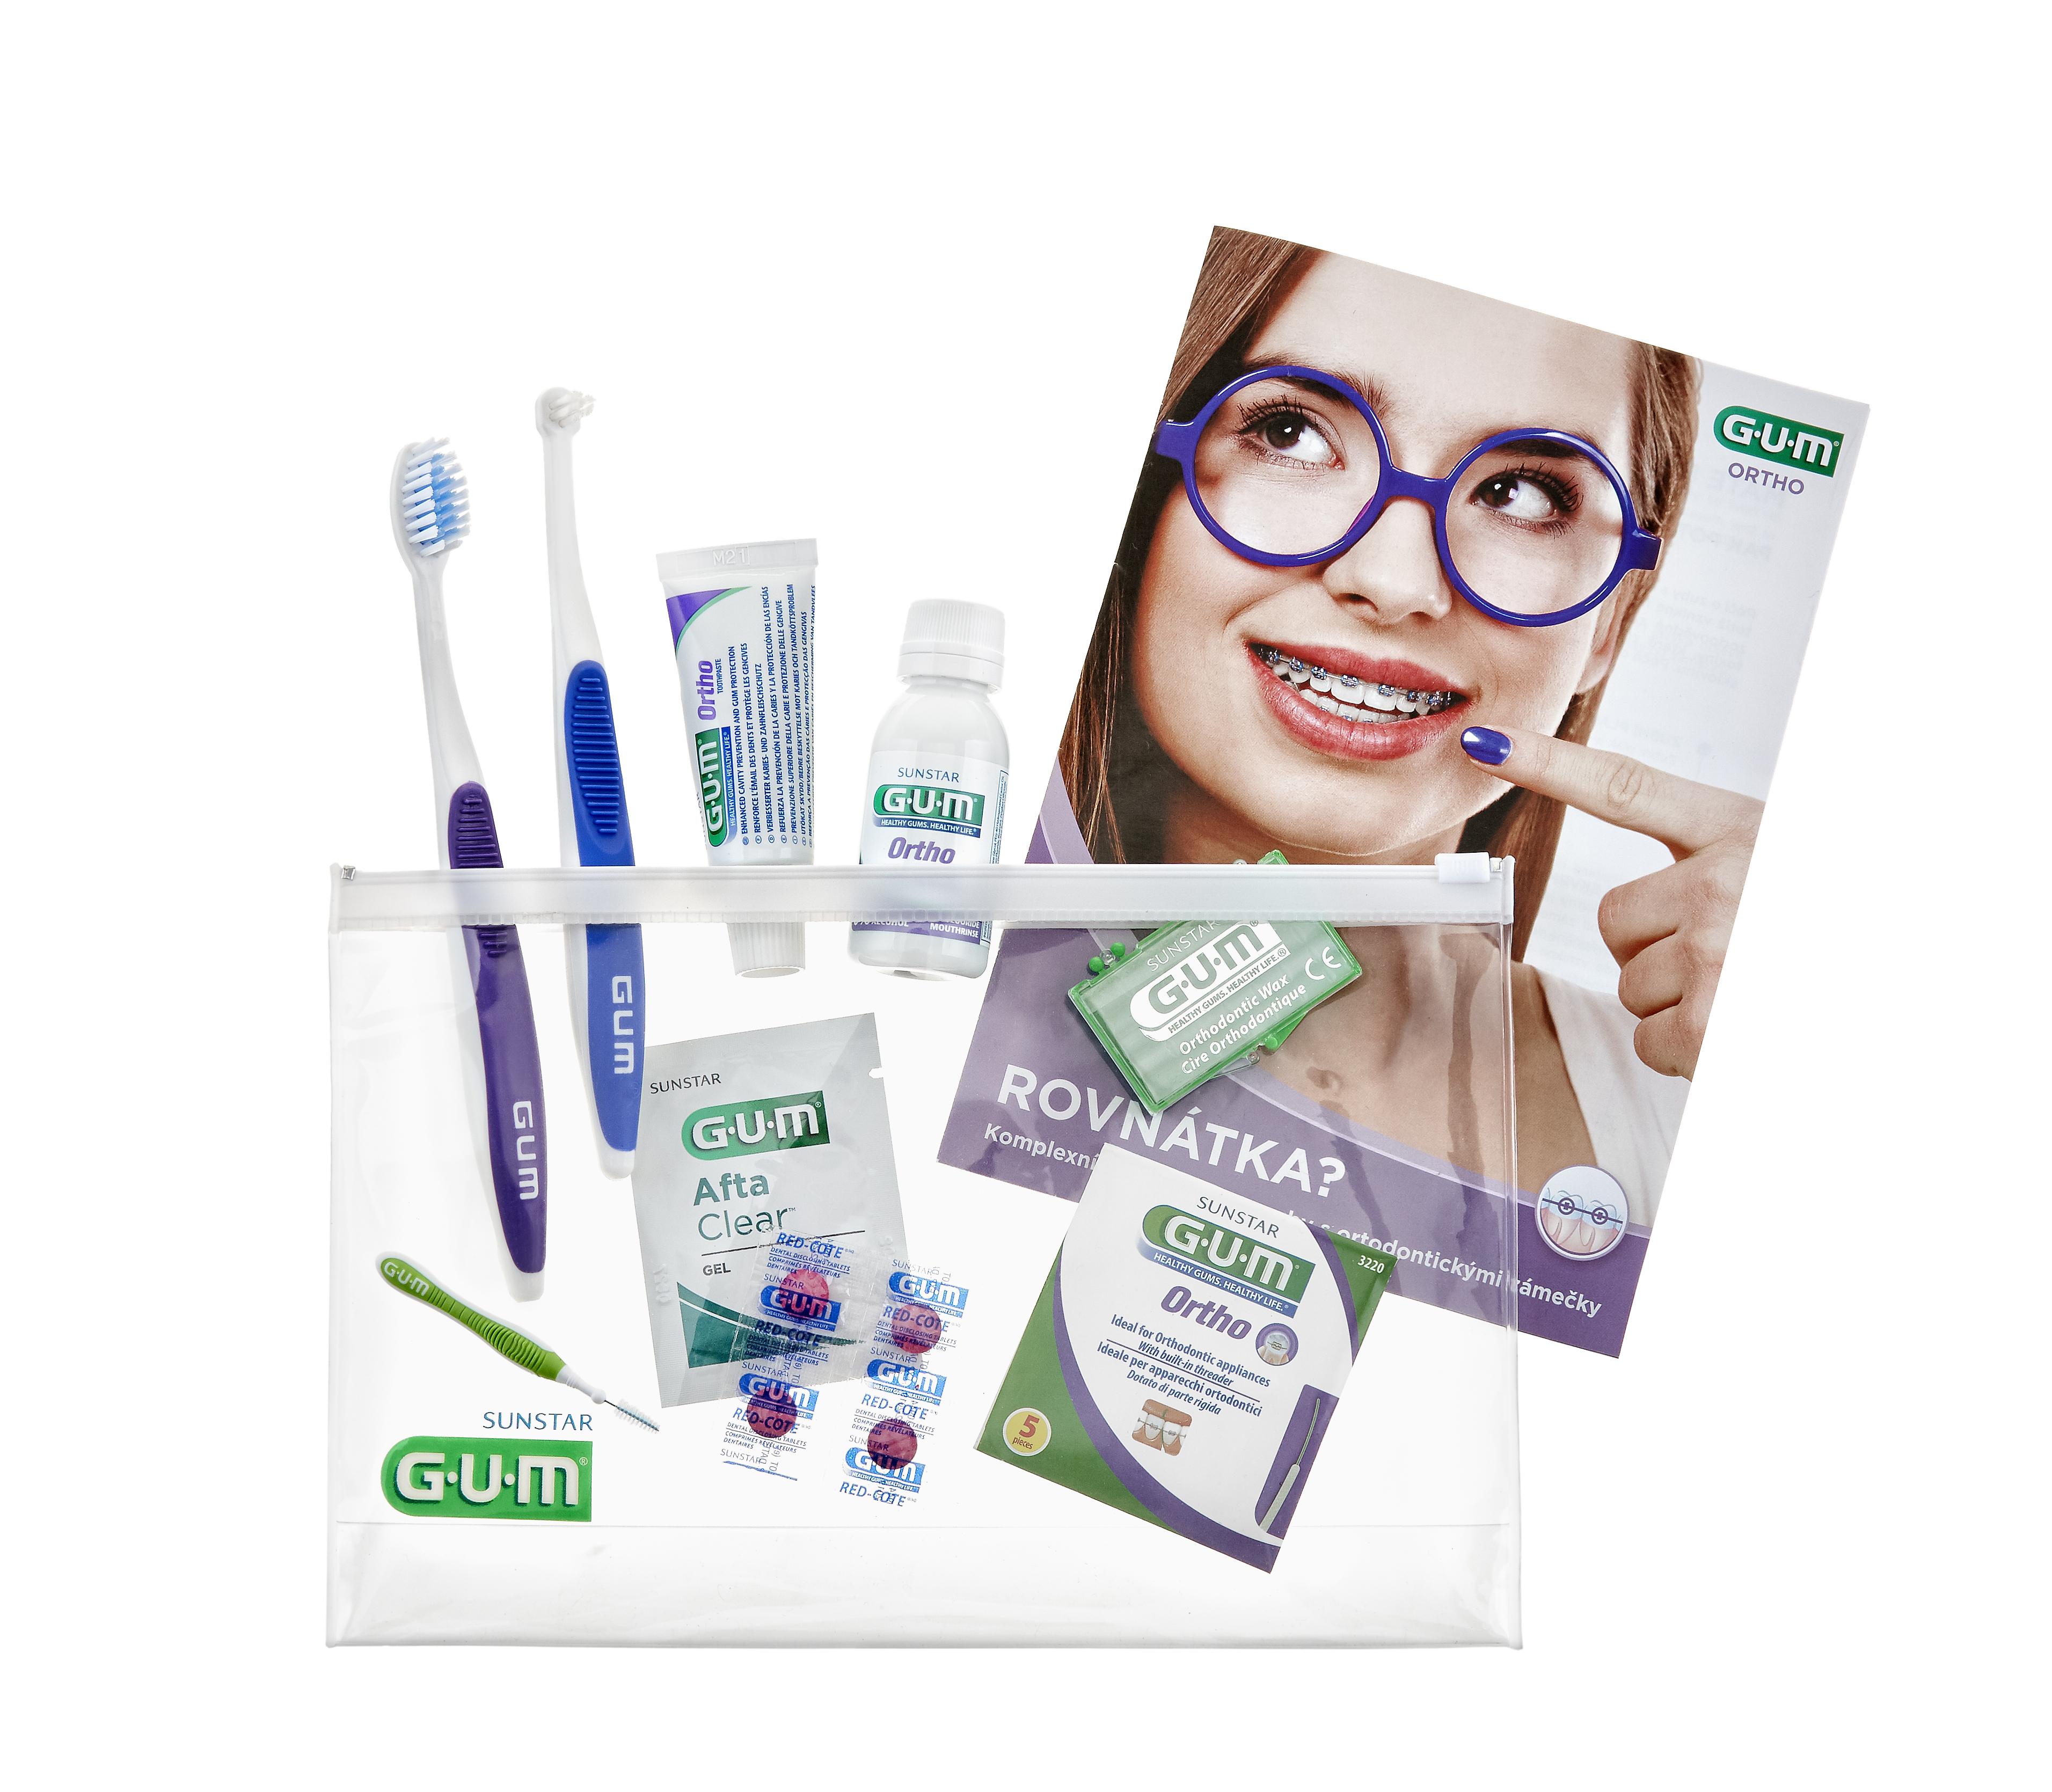 Sada pro zuby - základní sada pro péči o rovnátka